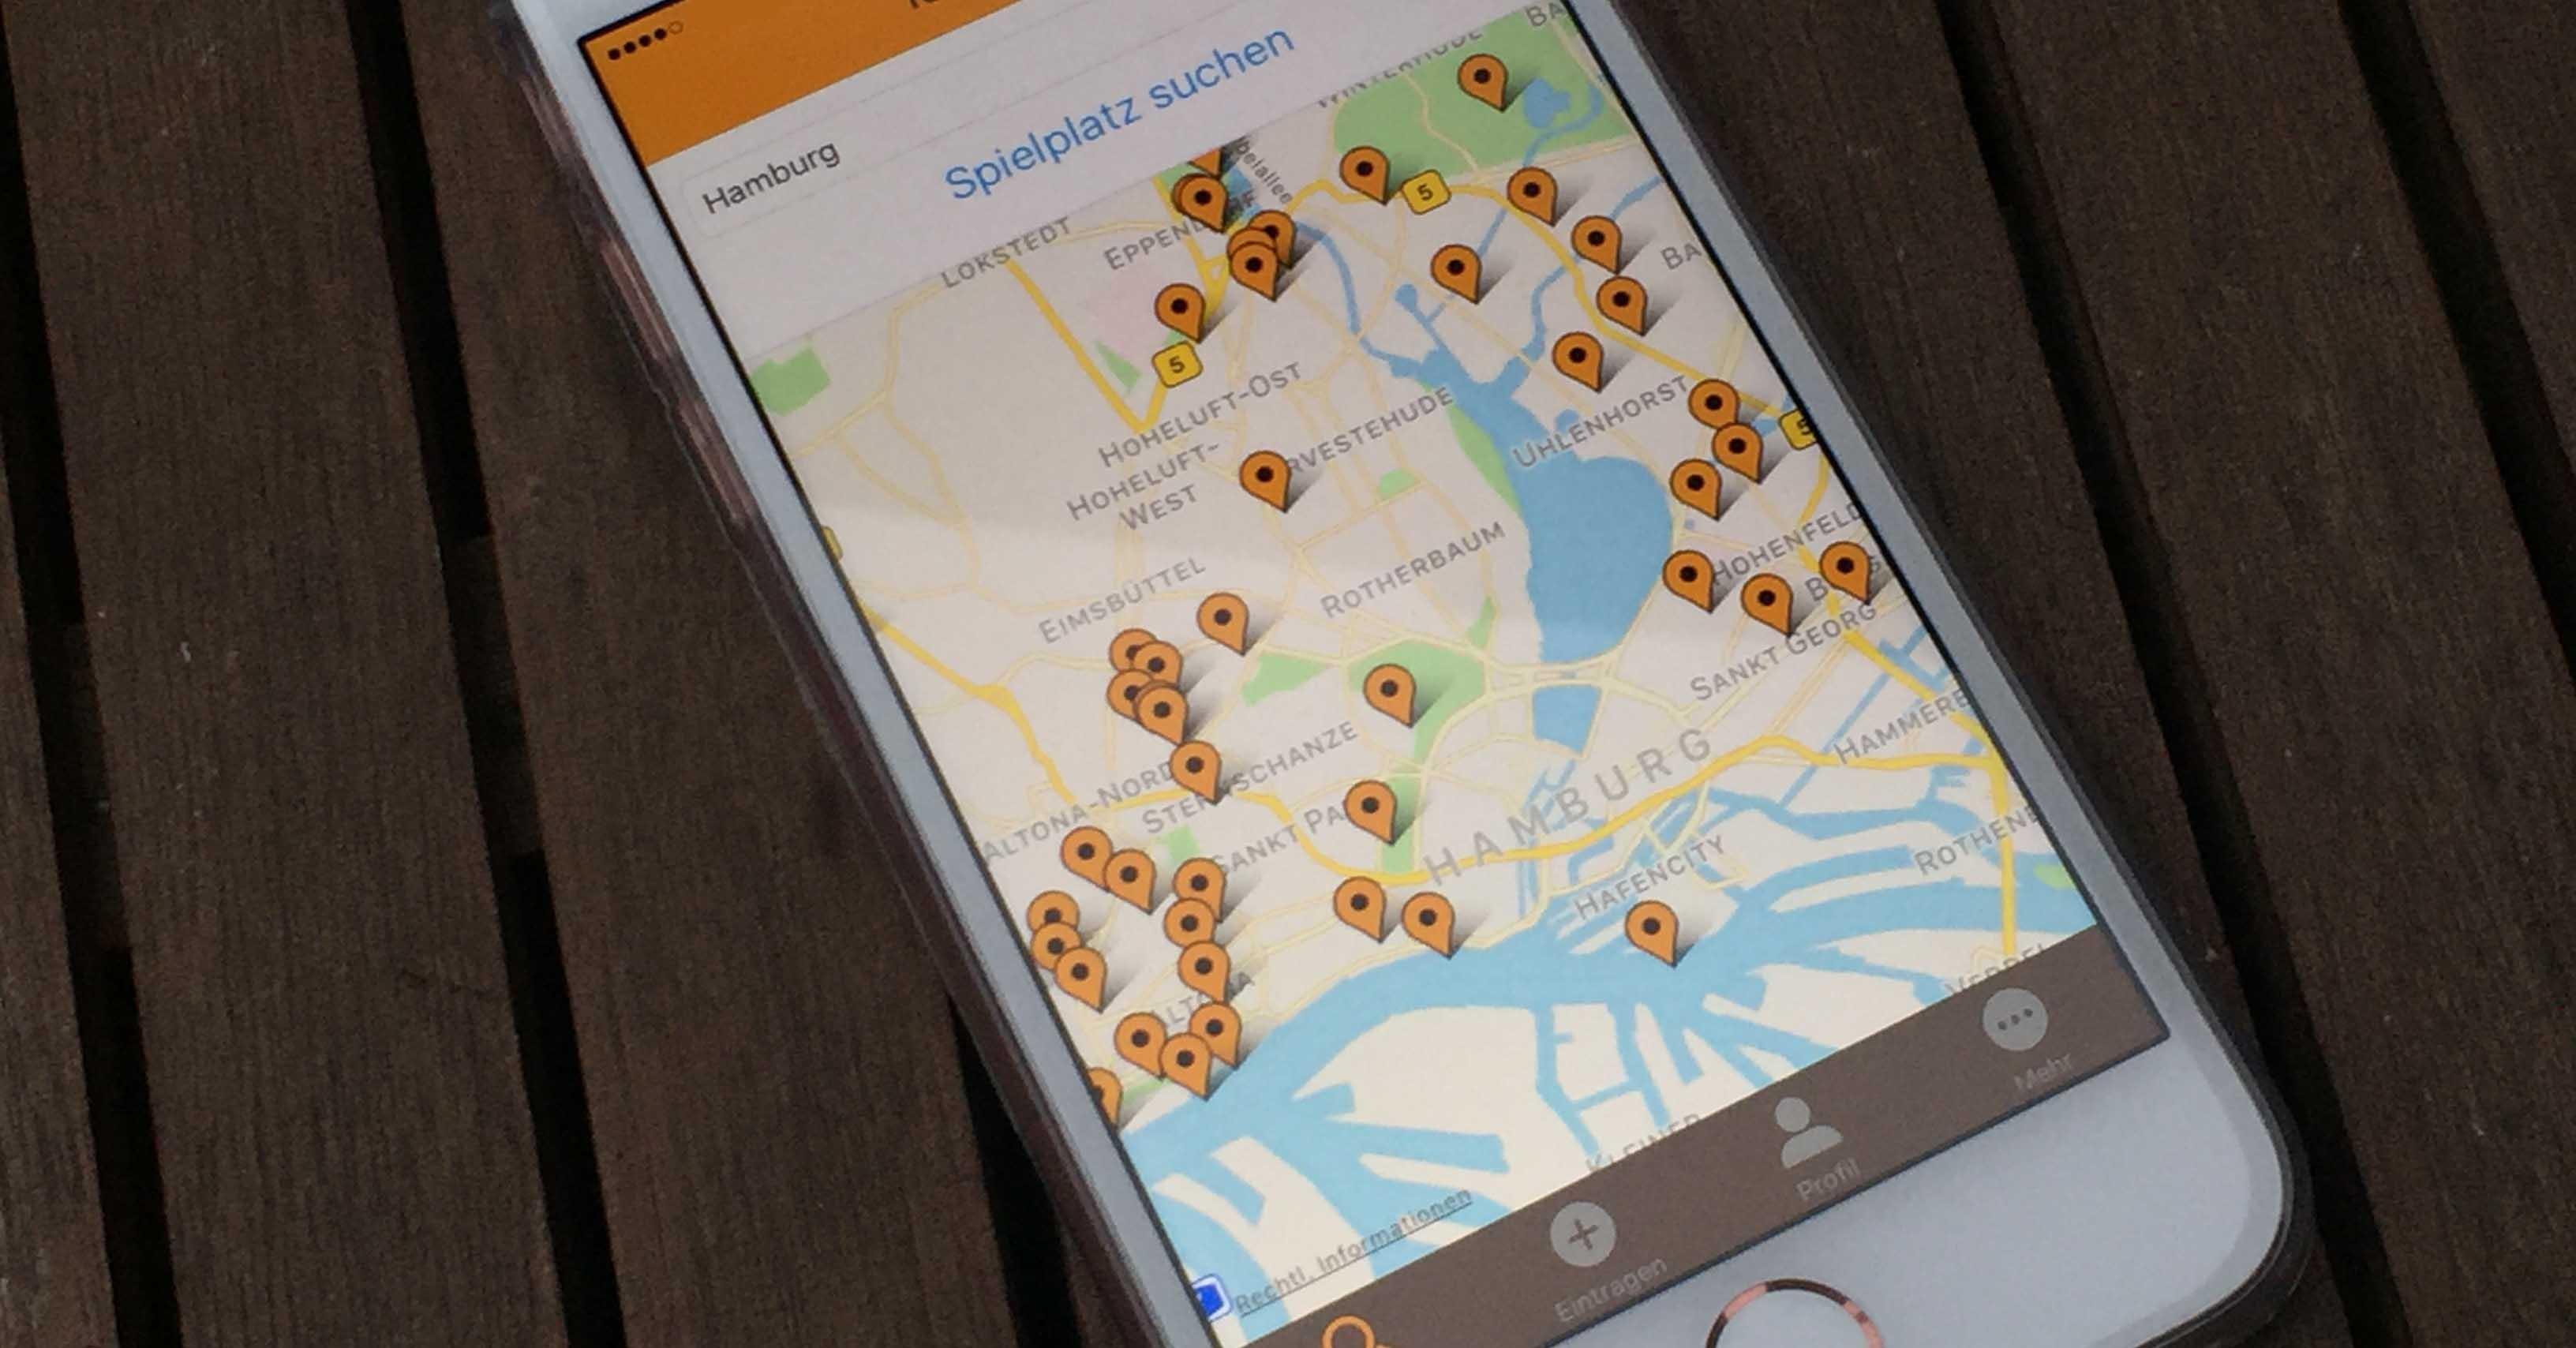 iphone-spielplatztreff-app